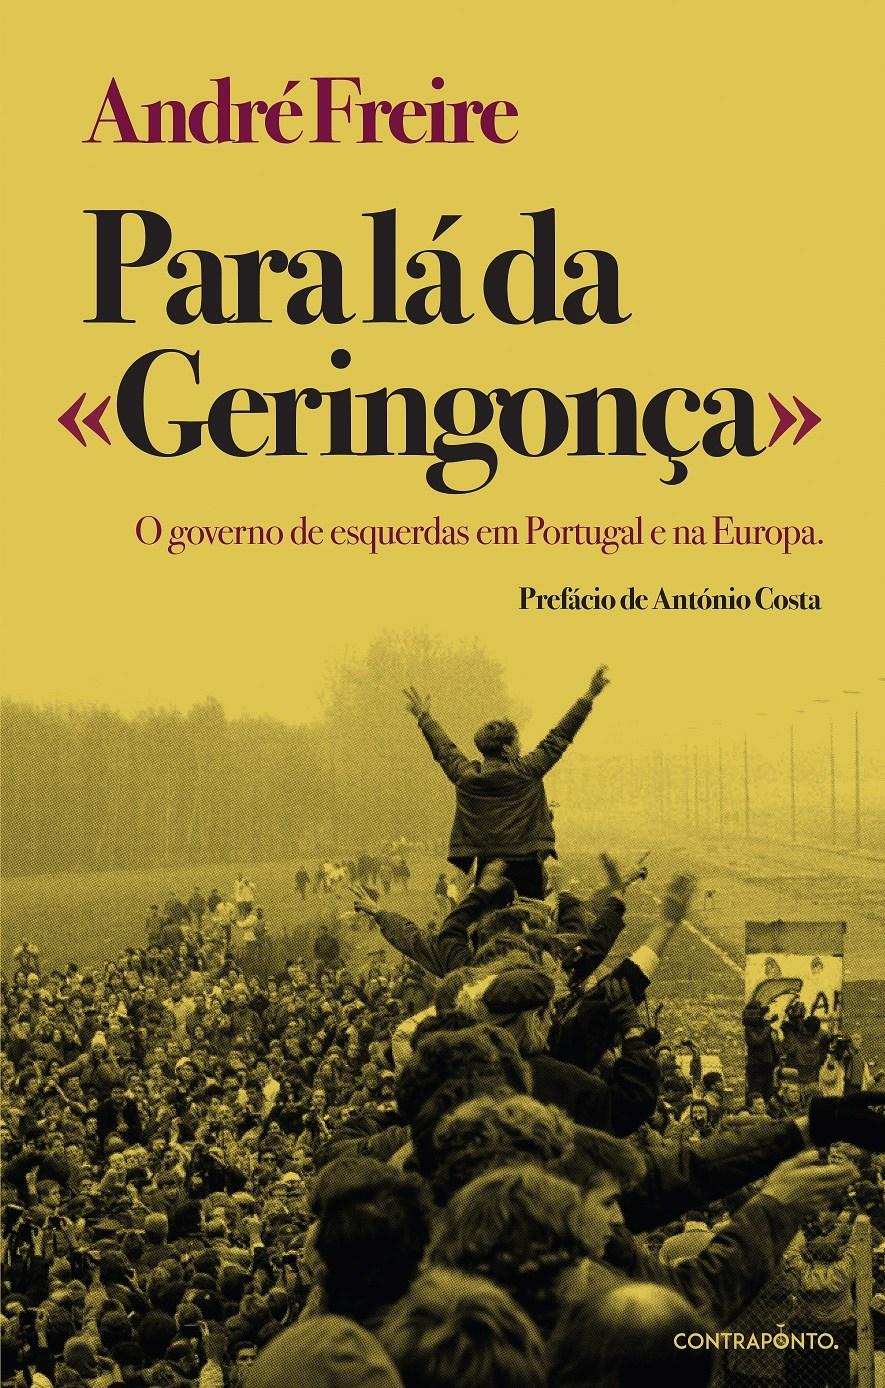 Capa_Para-lá-da-Geringonça_André-Freire